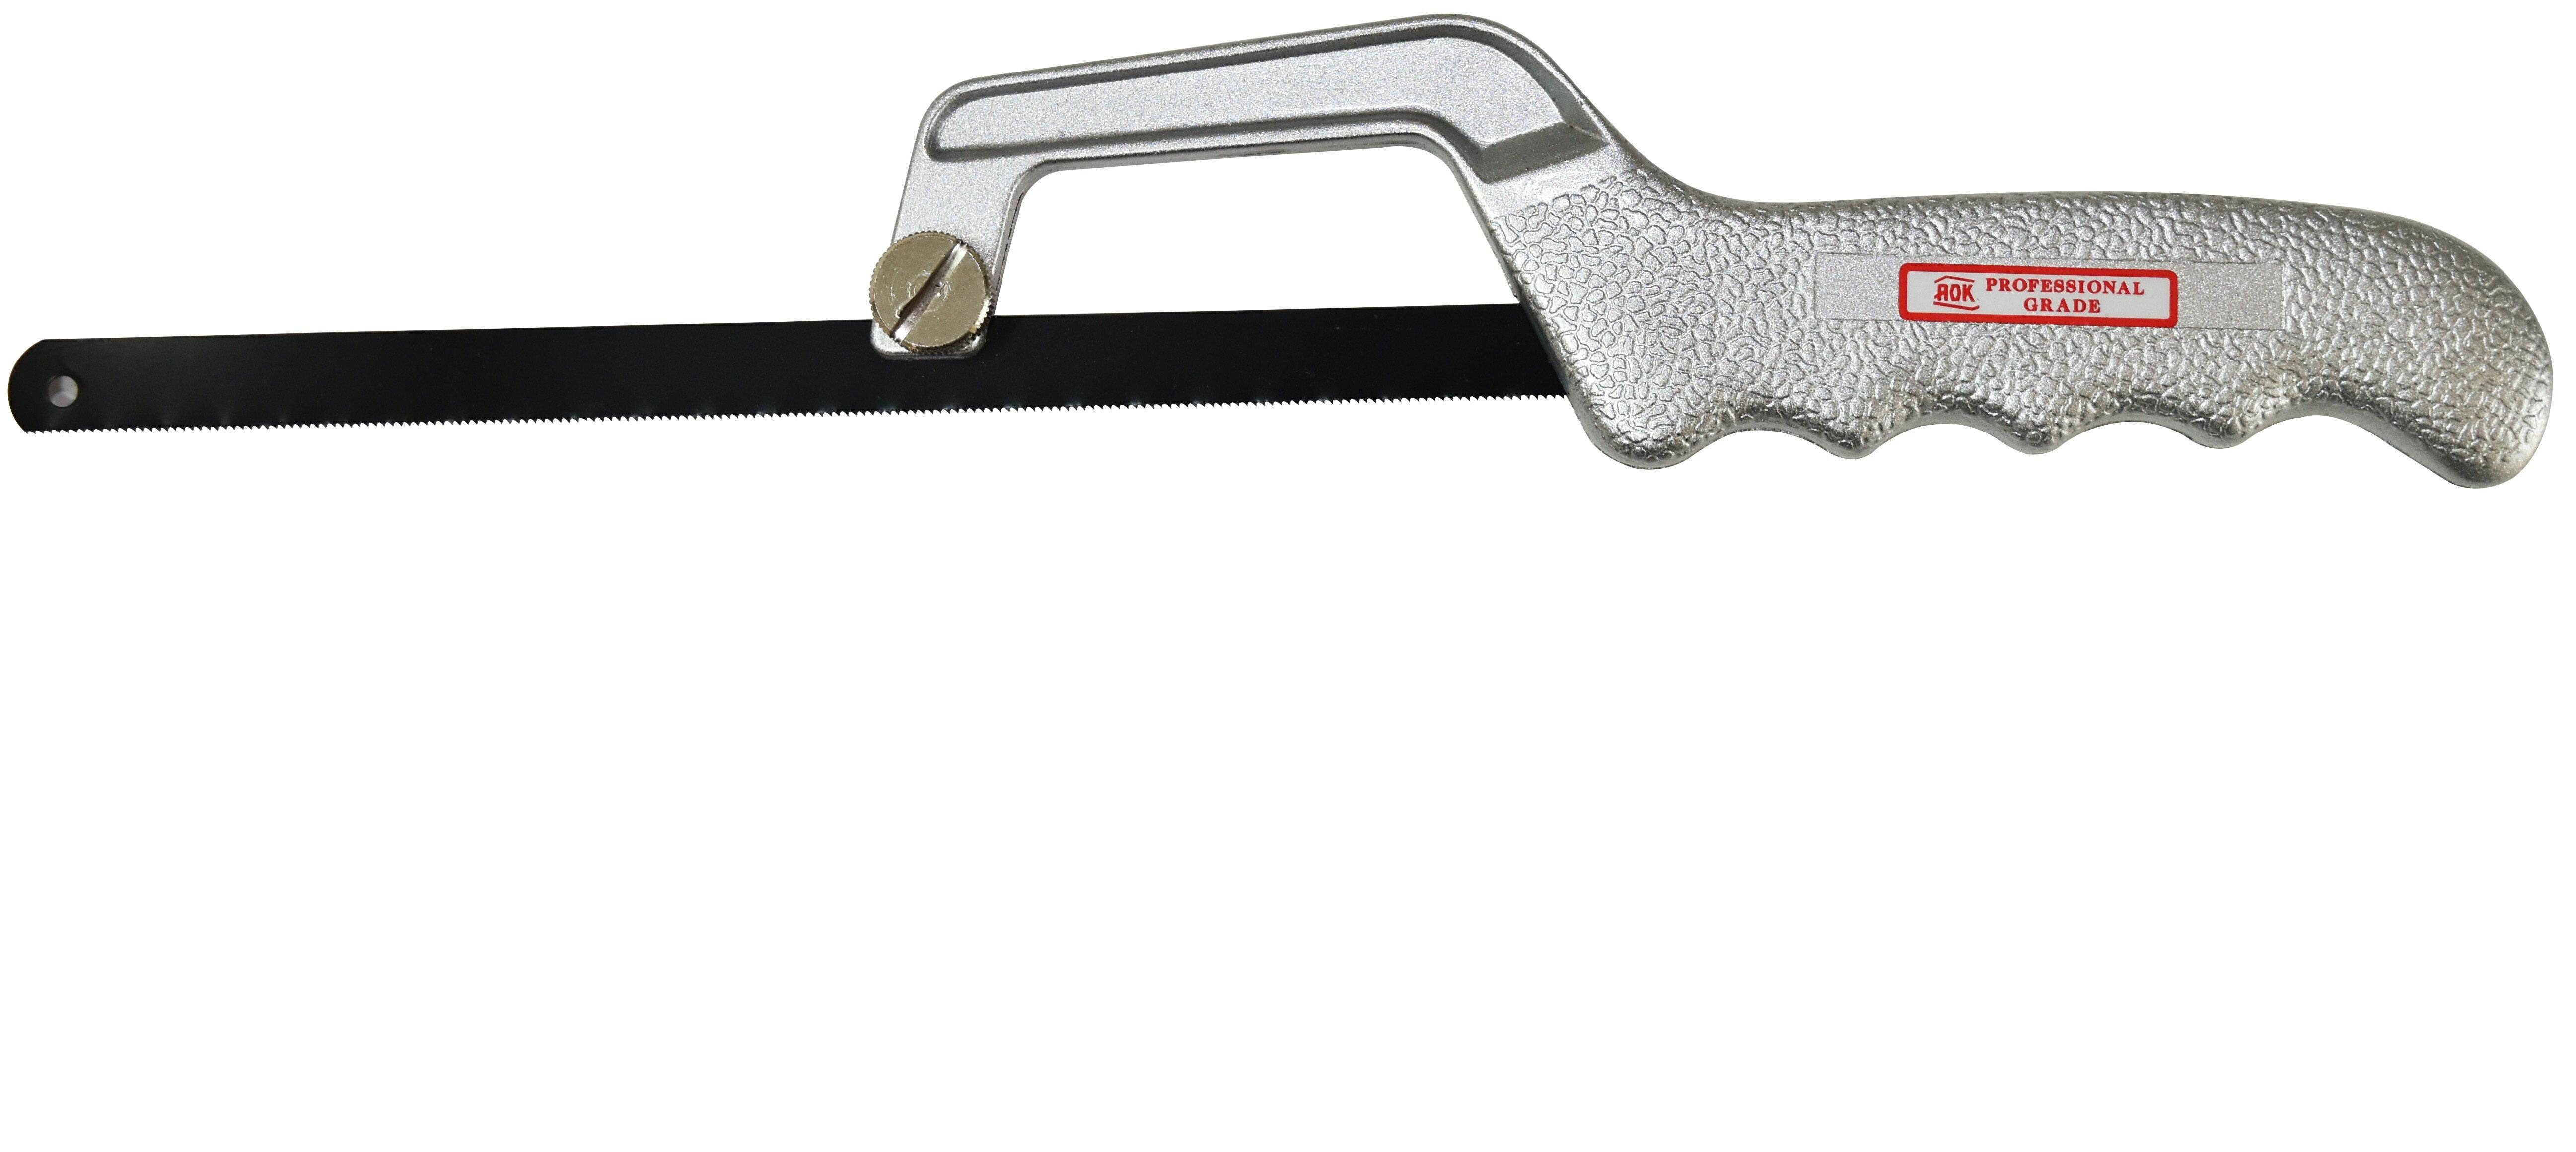 *韋恩工具* AOK 12  300mm 袖珍鋼鋸 迷你鋸子 家用 木工金屬鋸 小型 鋸 HAM-12I